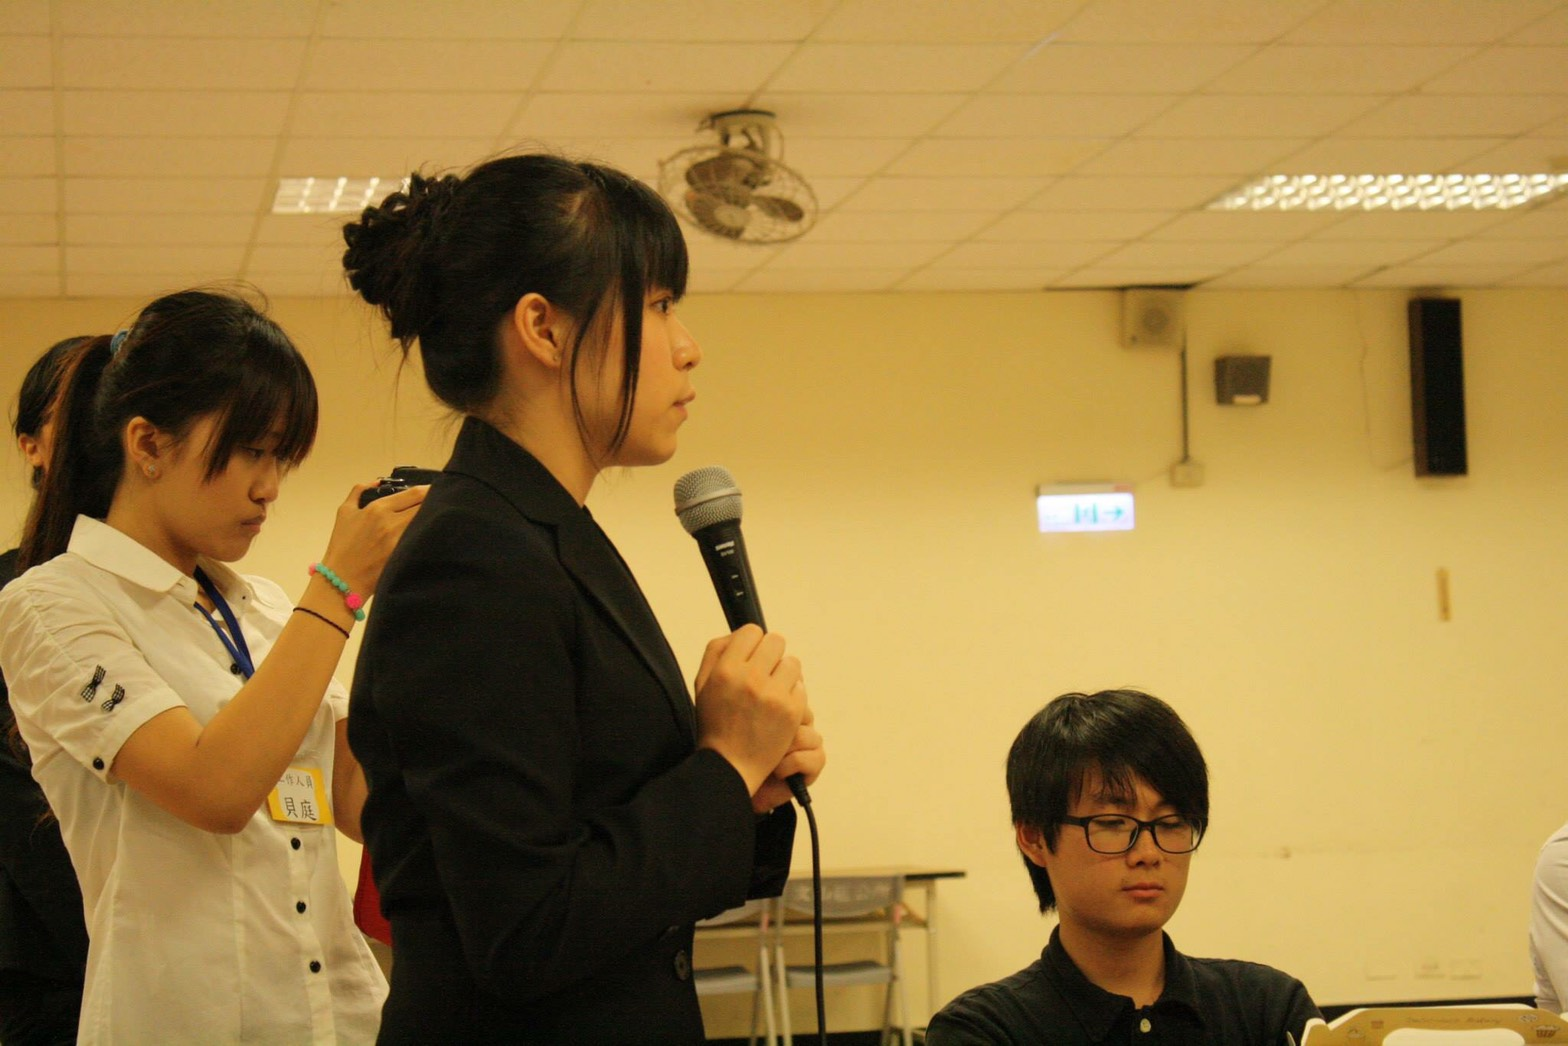 世新大學新聞系大二舉辦的公民會議,學習「說話」的重要性。照片提供/周子二